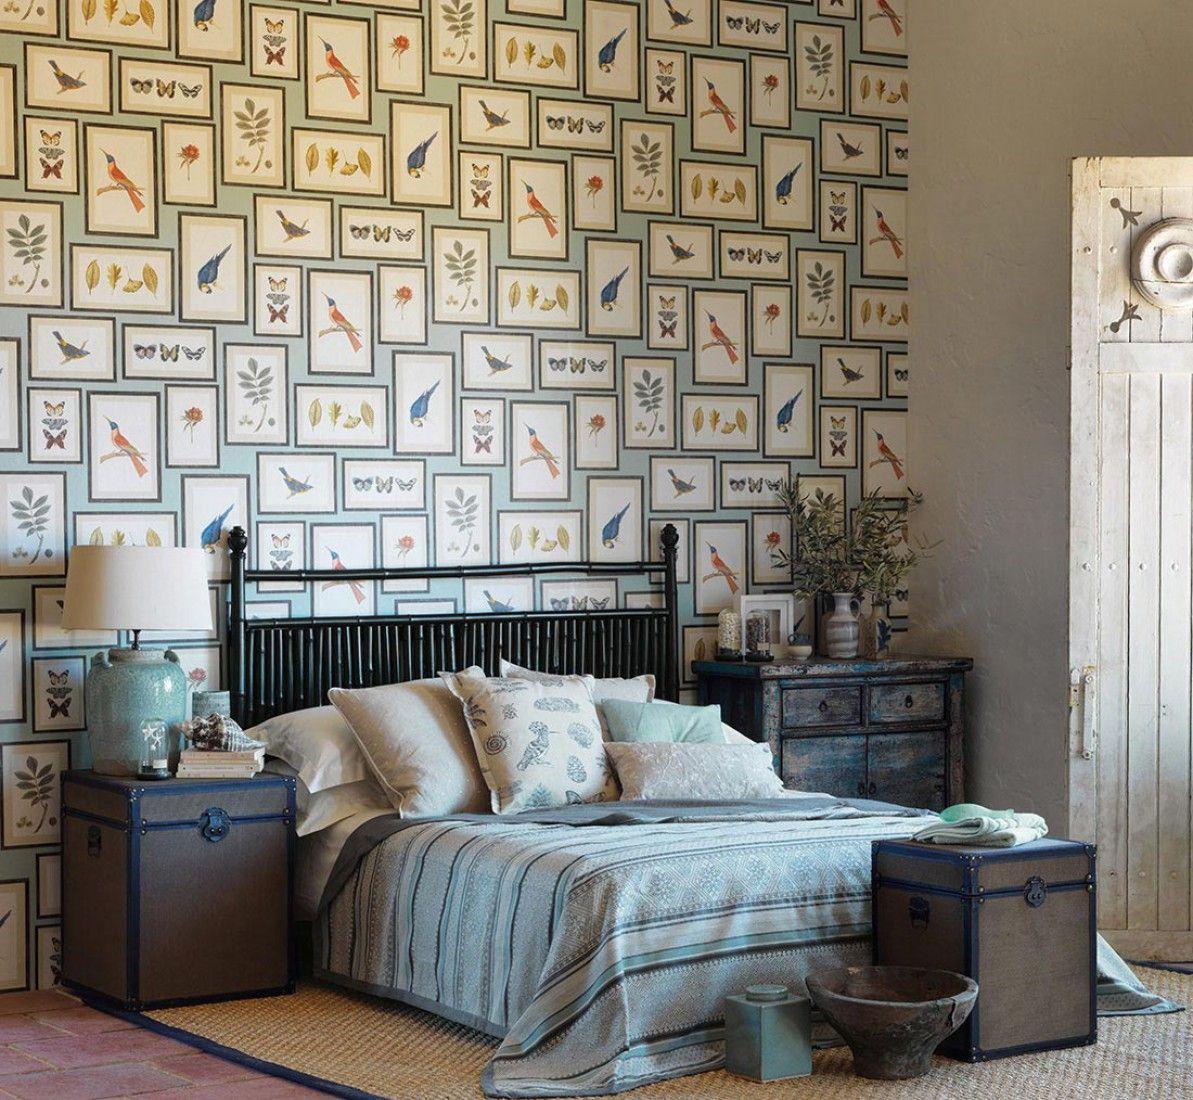 jara les ann es 70 papier peint et ann es 70. Black Bedroom Furniture Sets. Home Design Ideas